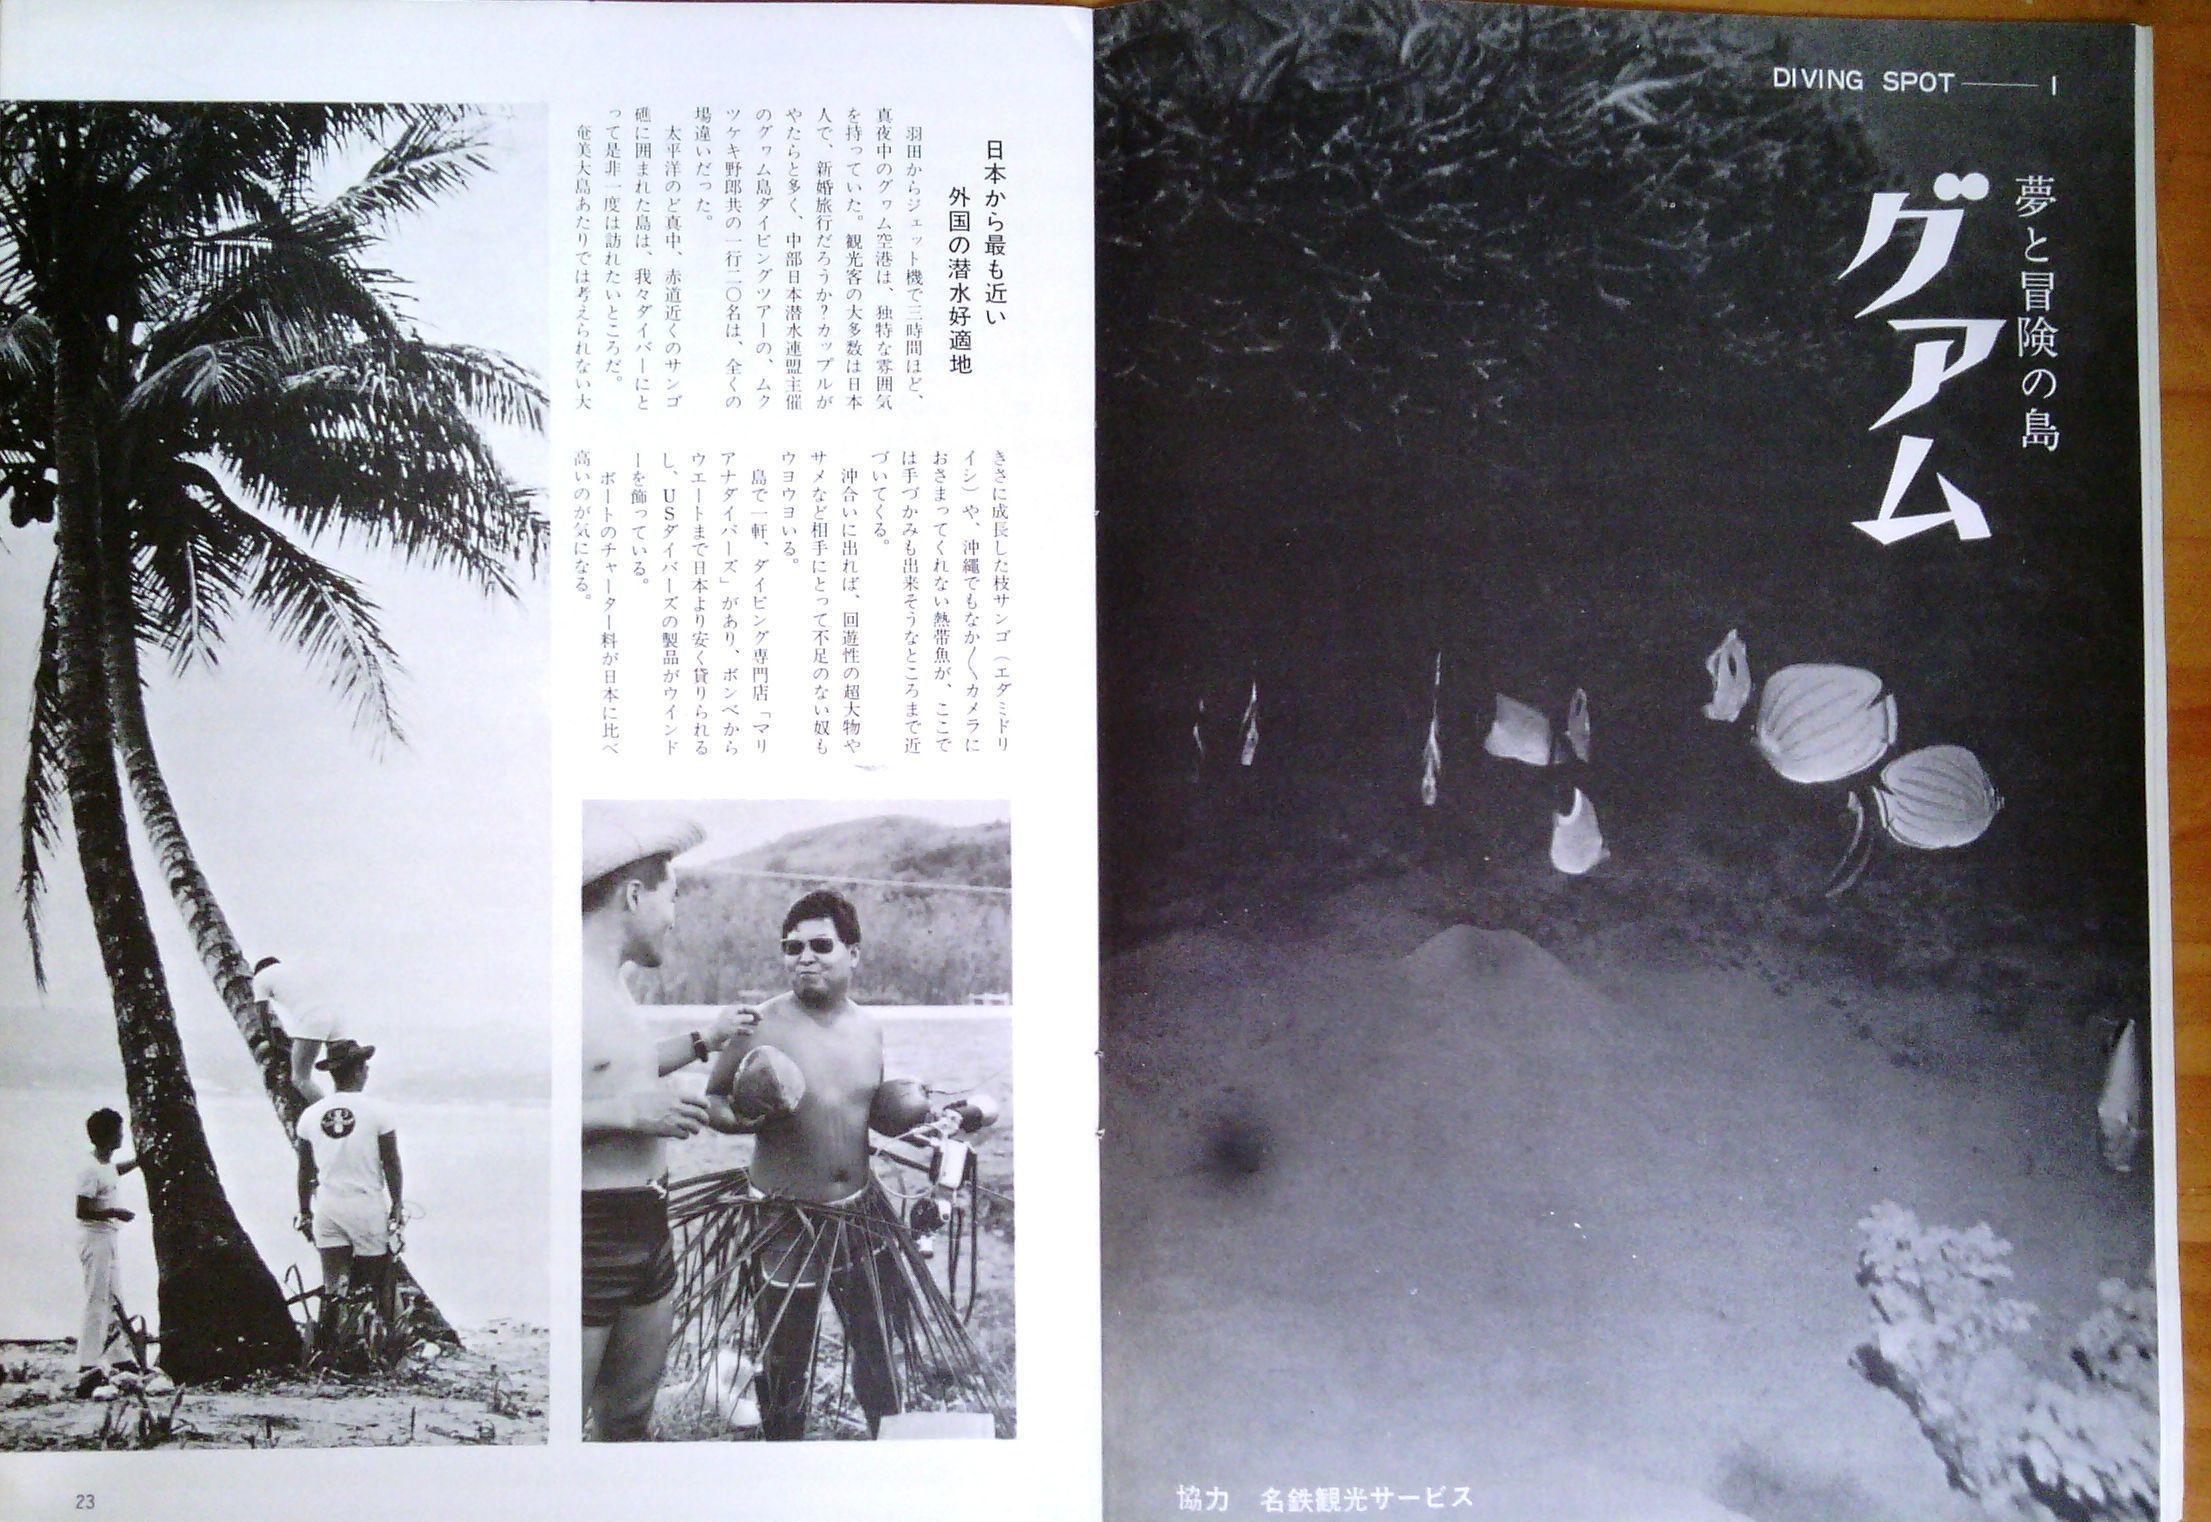 0323  ダイビングの歴史56  マリンダイビング創刊1969_b0075059_14244568.jpg